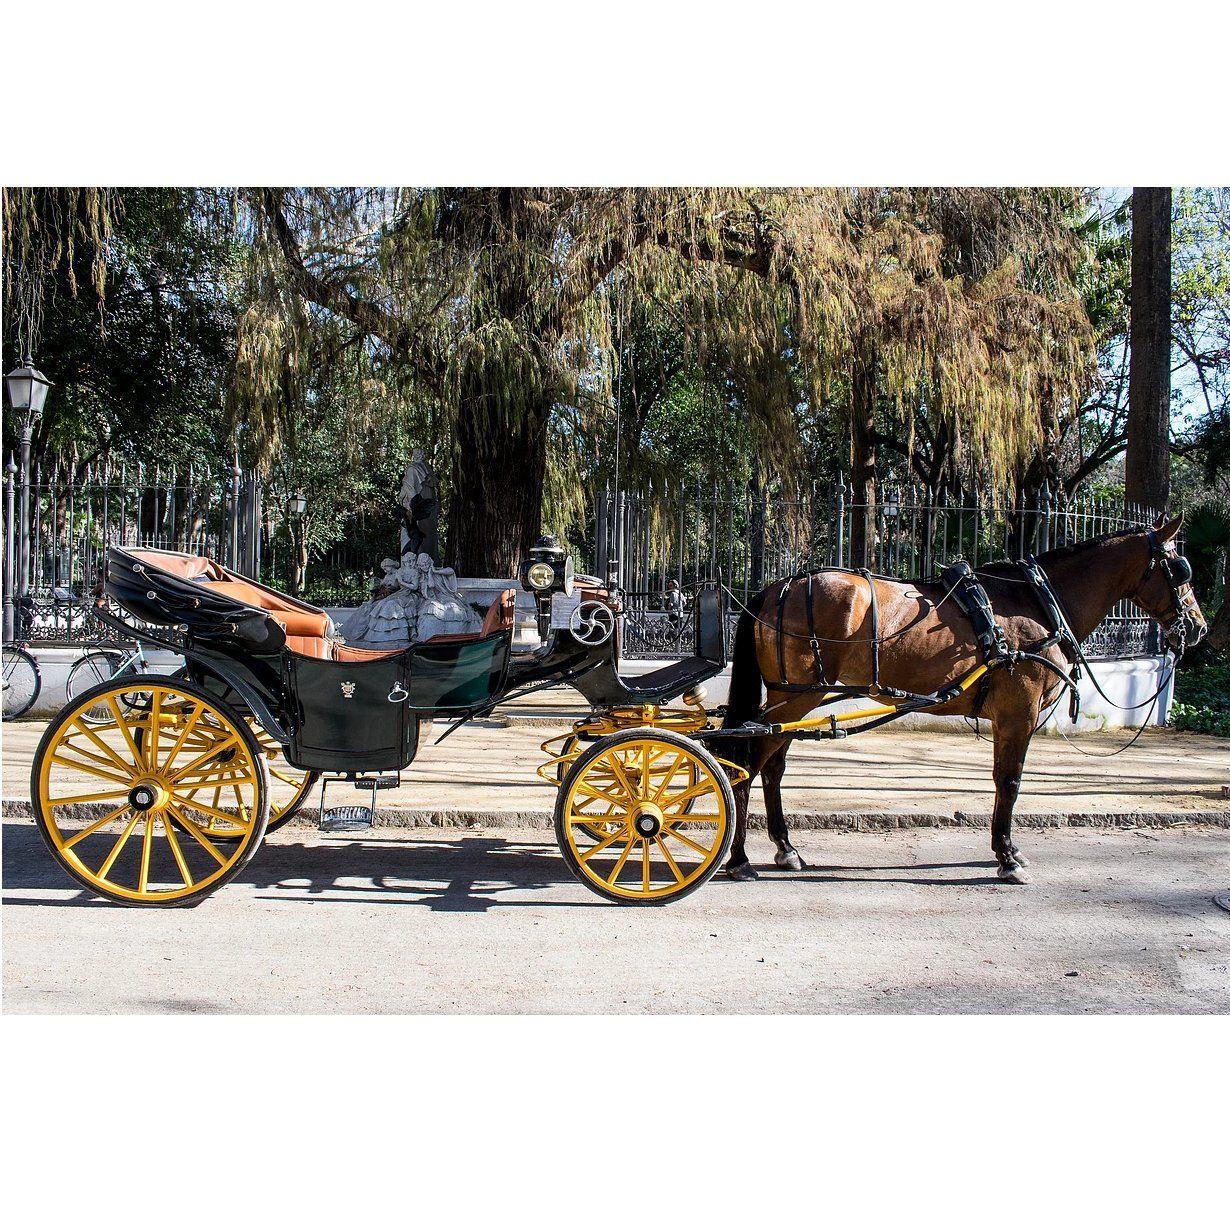 Paseos románticos por Sevilla en coche de caballos : Servicios que prestamos de JV Tours Sevilla